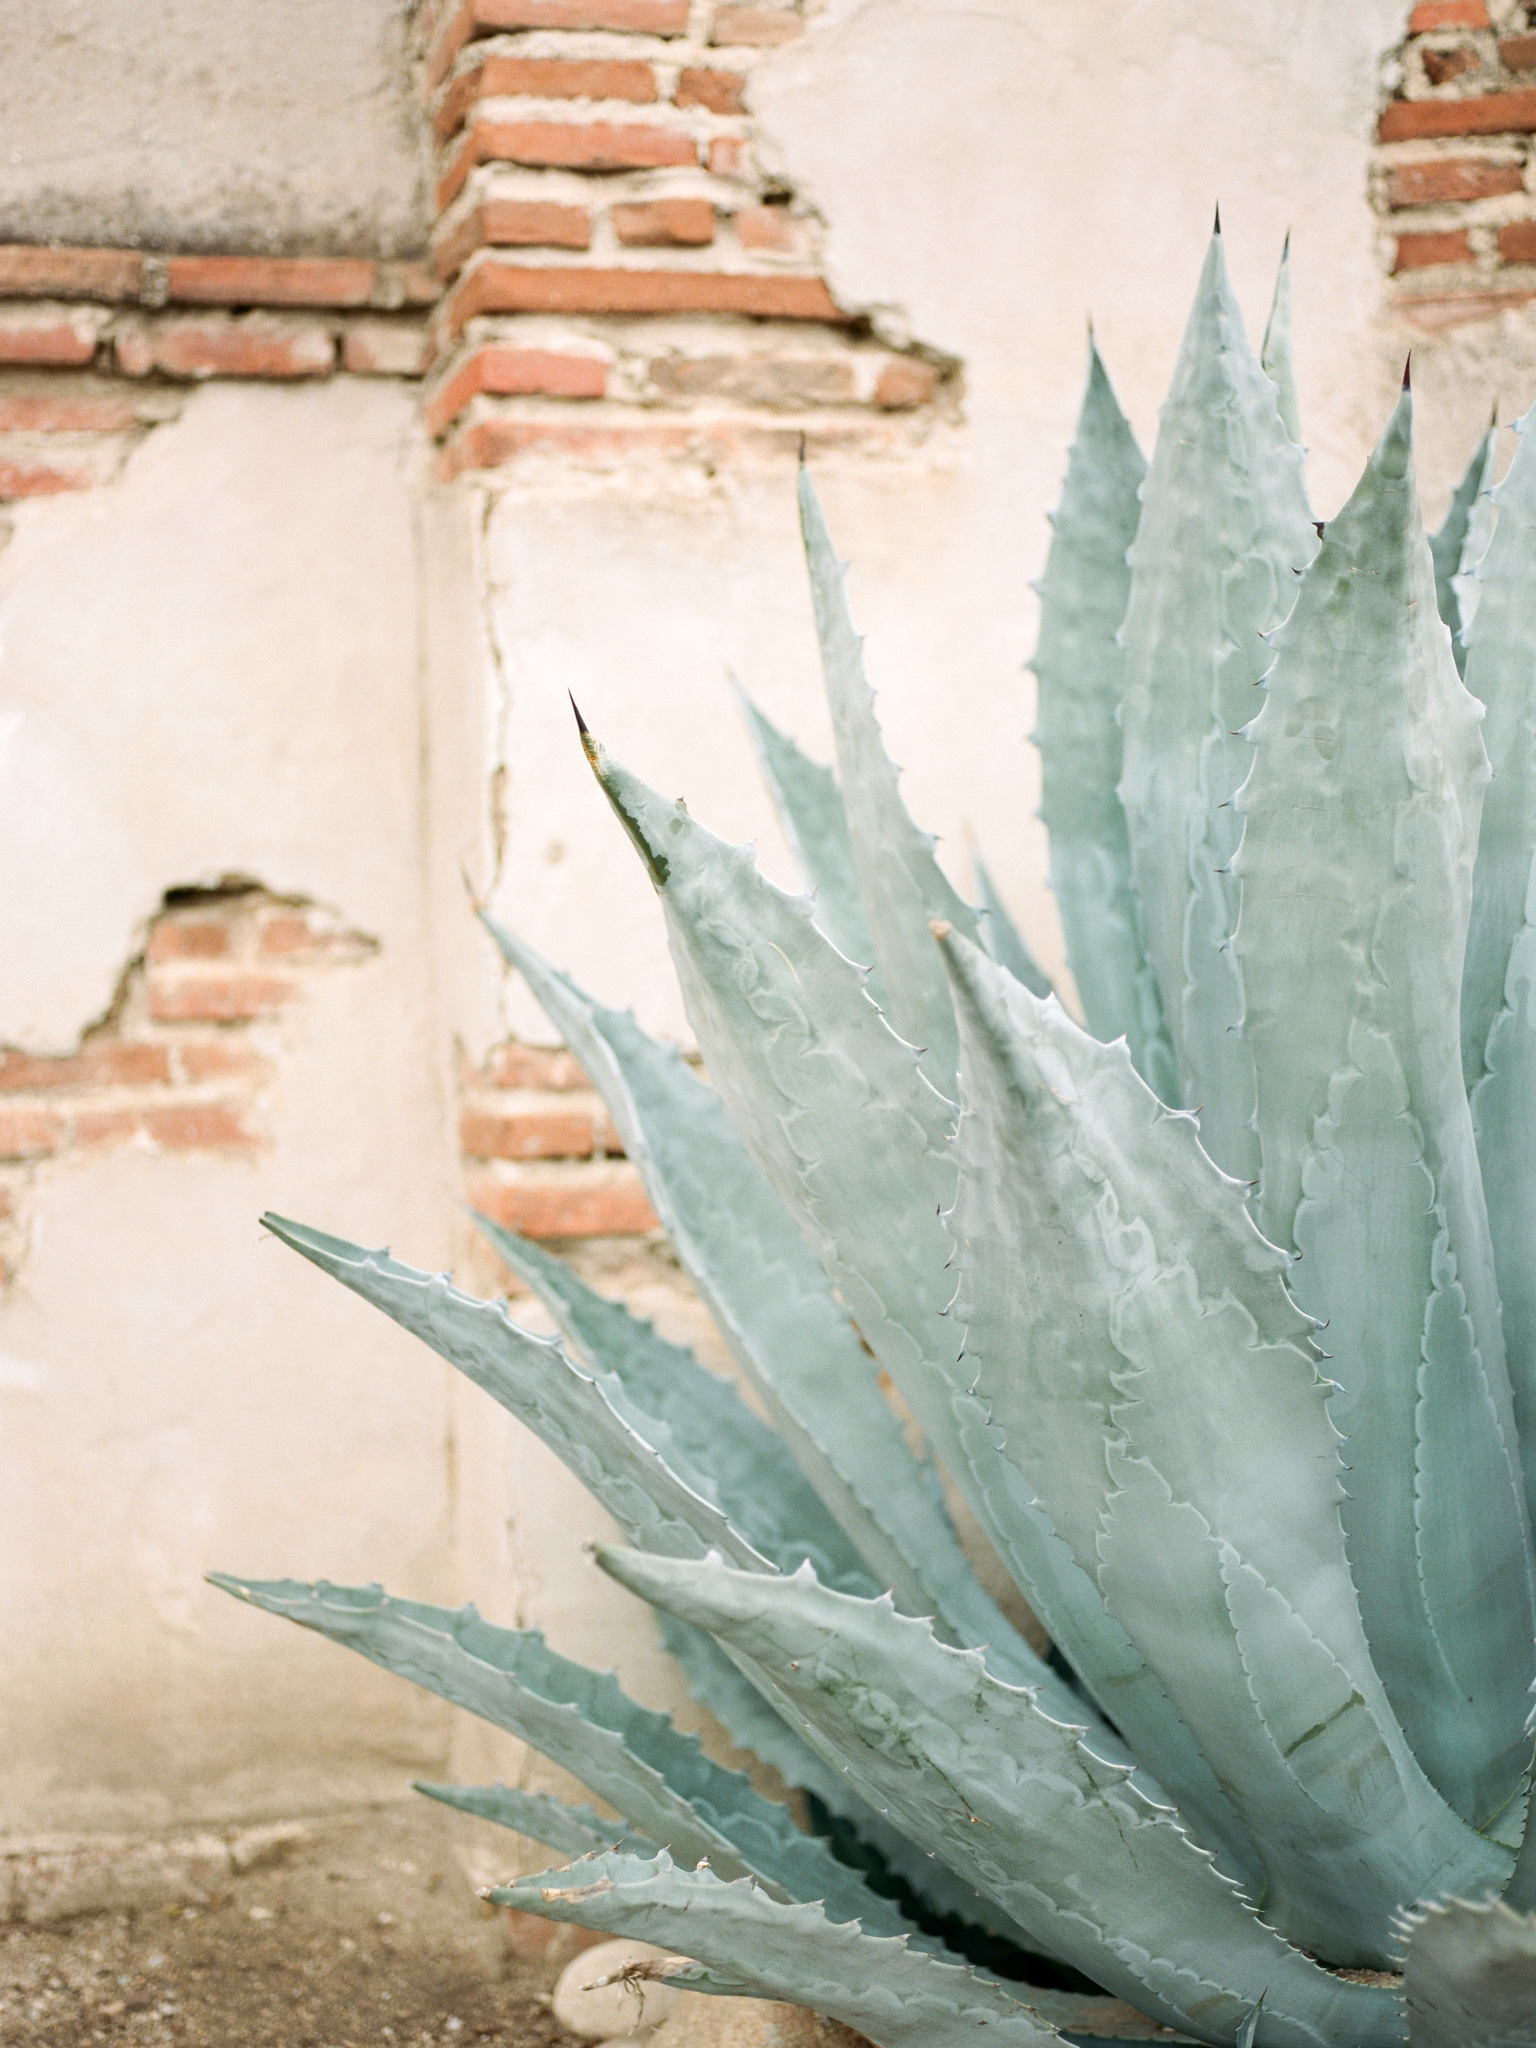 fine art    2016    agave on film    pentax 645